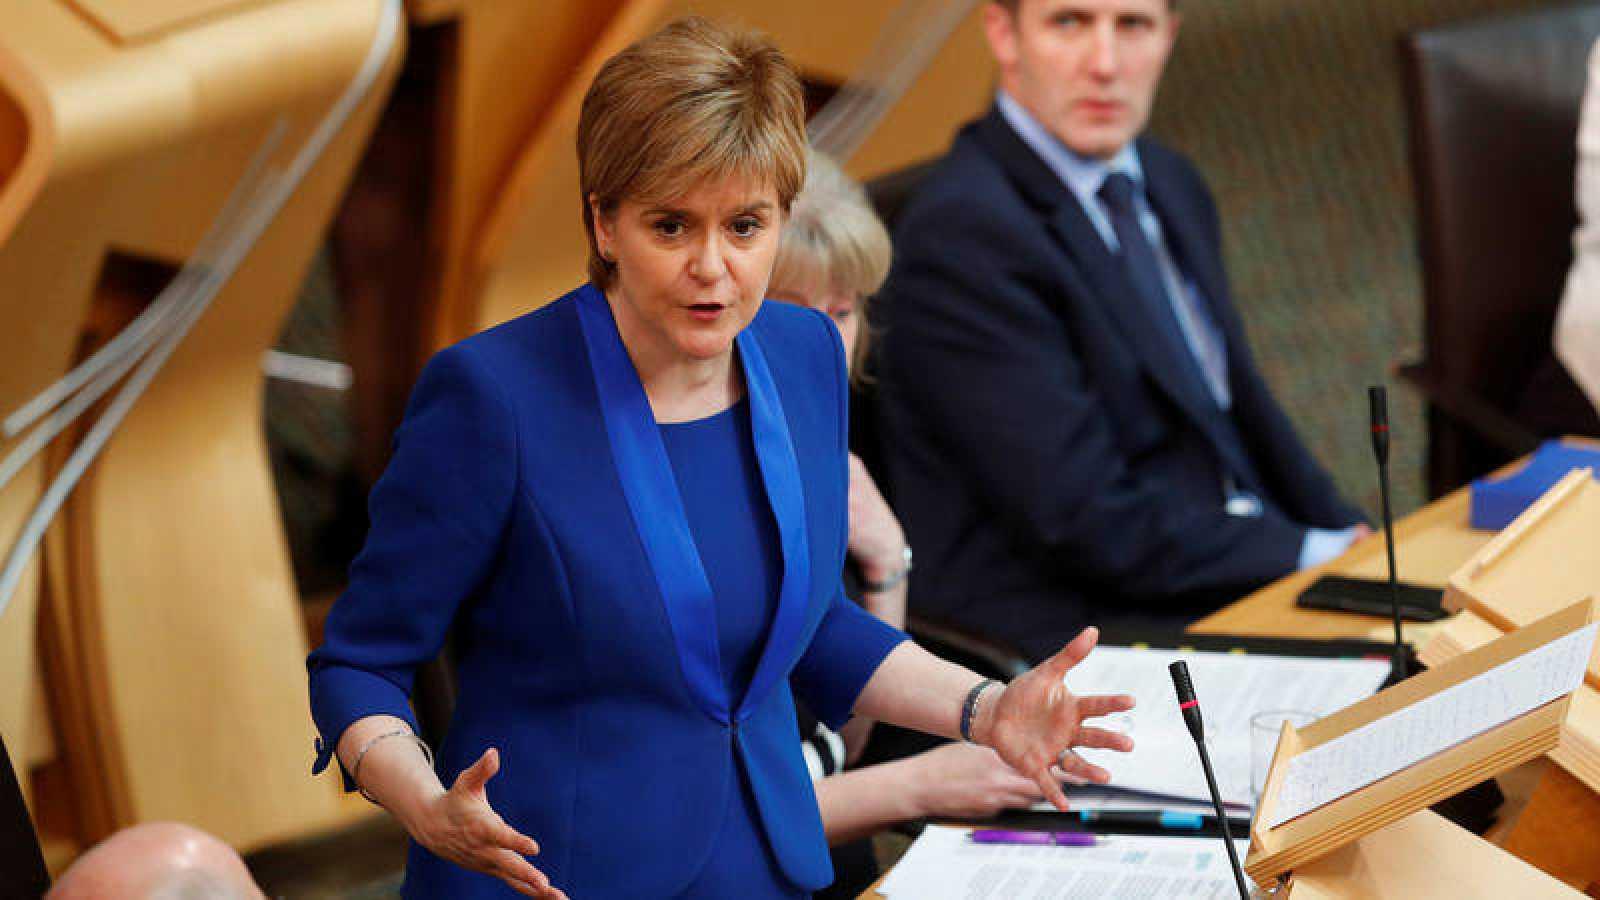 La ministra principal de escocia, Nicola Sturgeon, habla en el Parlamento de Edimburgo